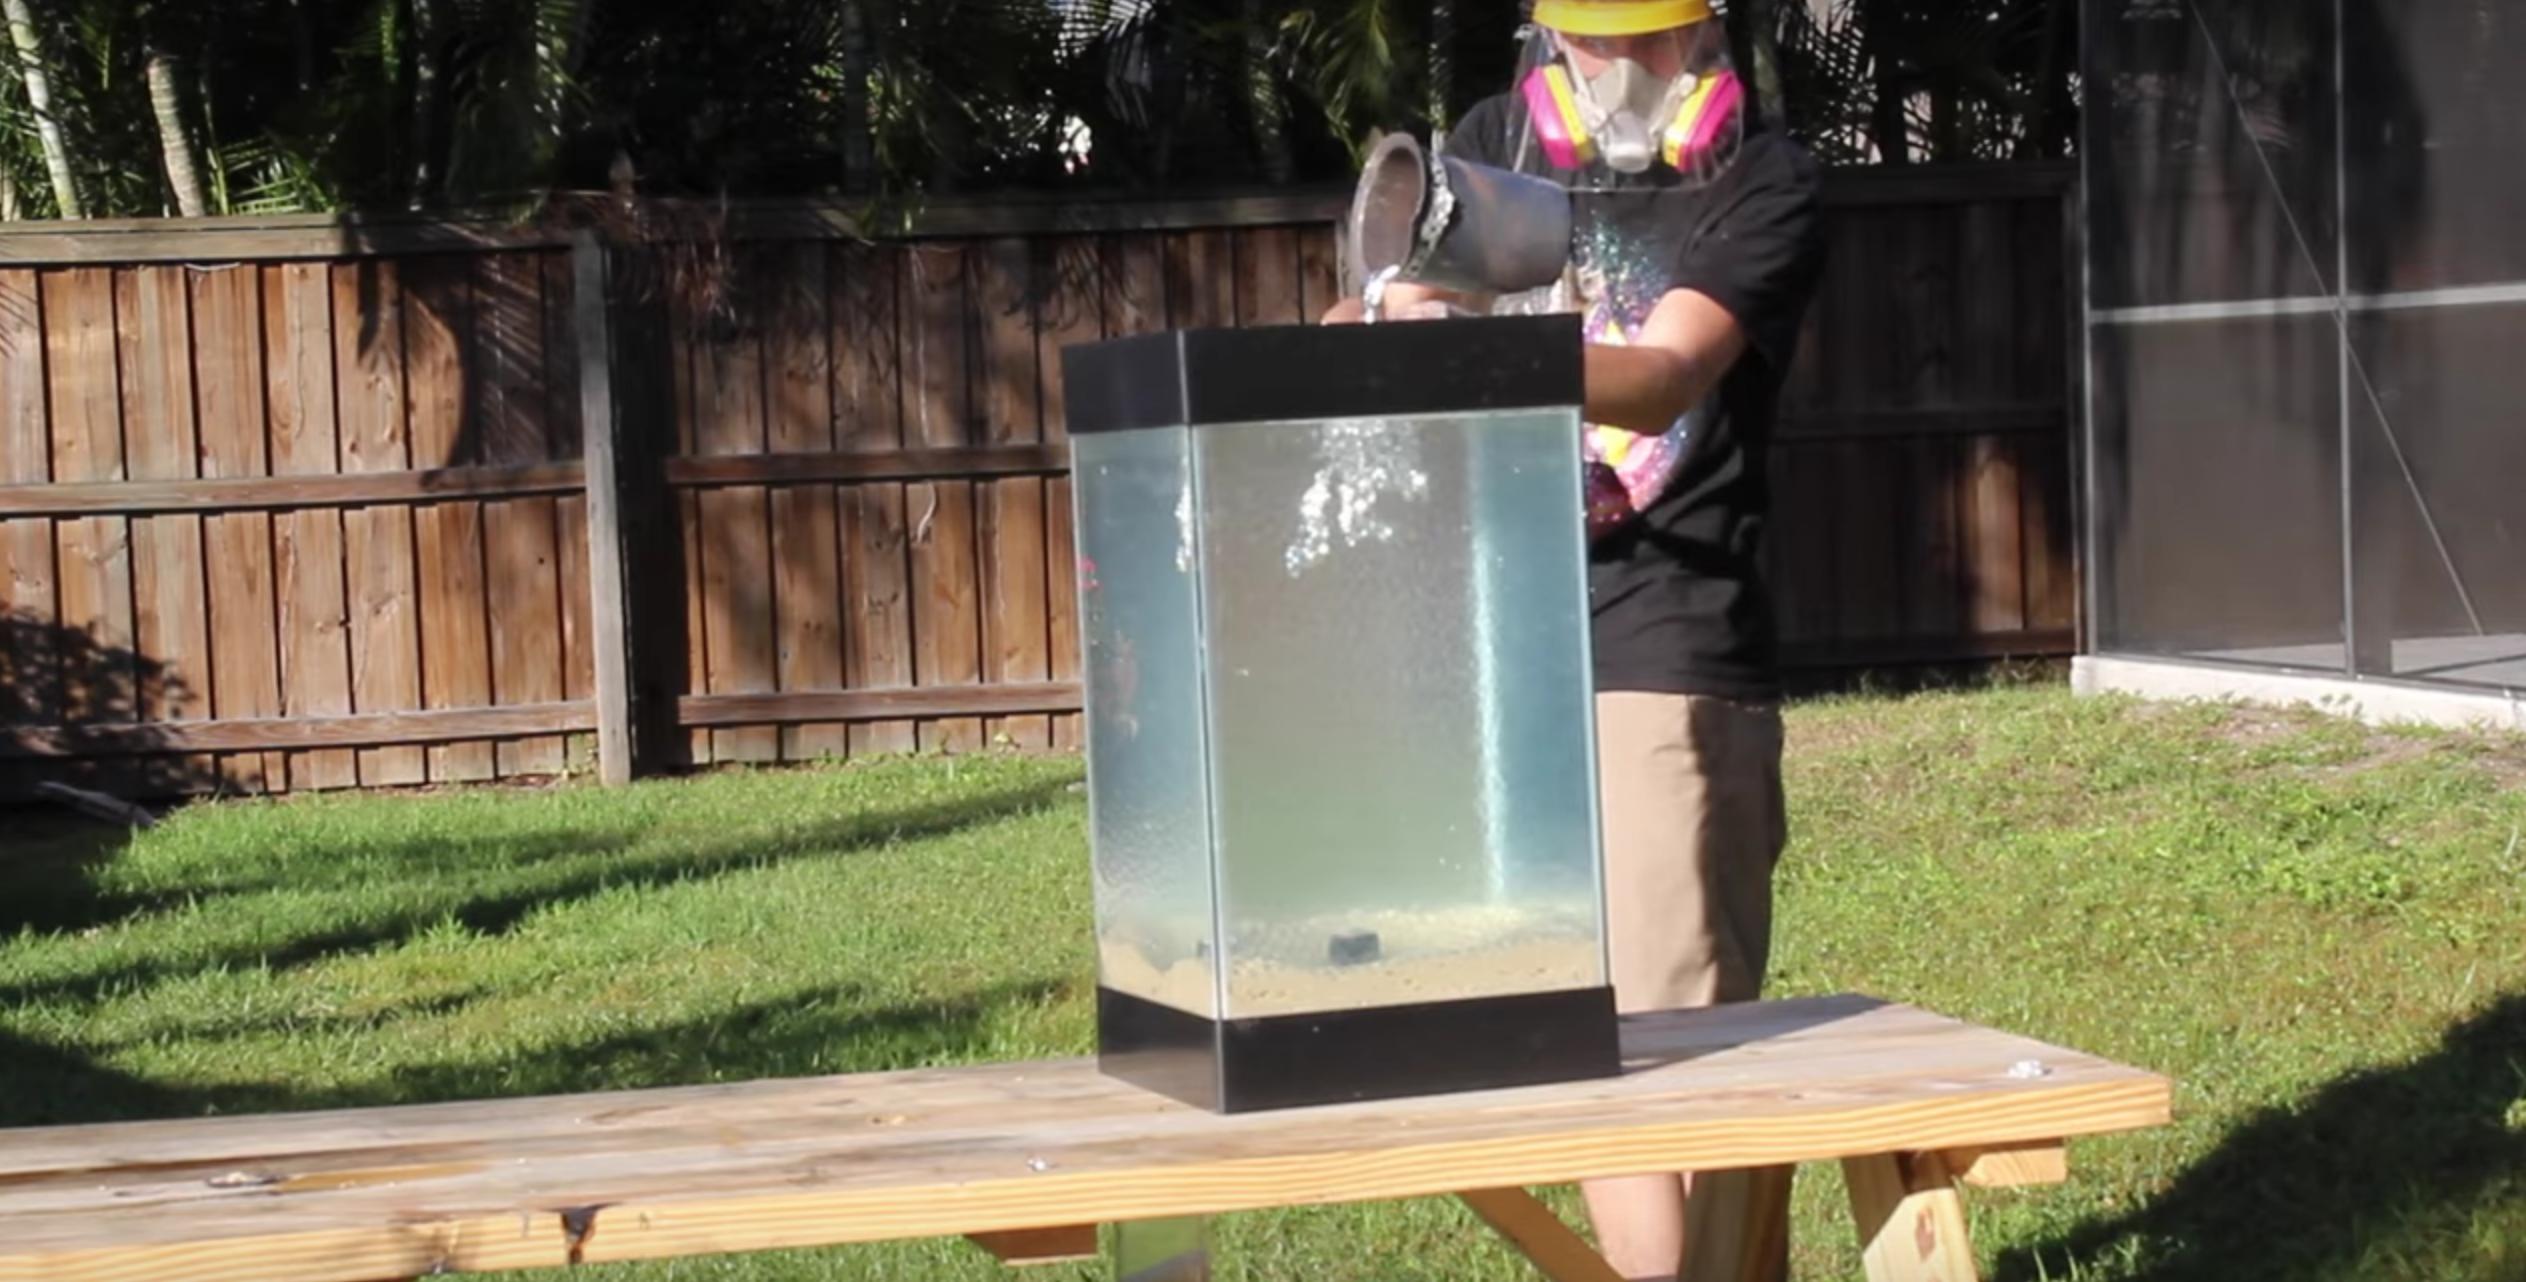 他將燒熔的液態鋁倒進「裝滿水晶寶寶的魚缸」 最後變成最夢幻藝術品